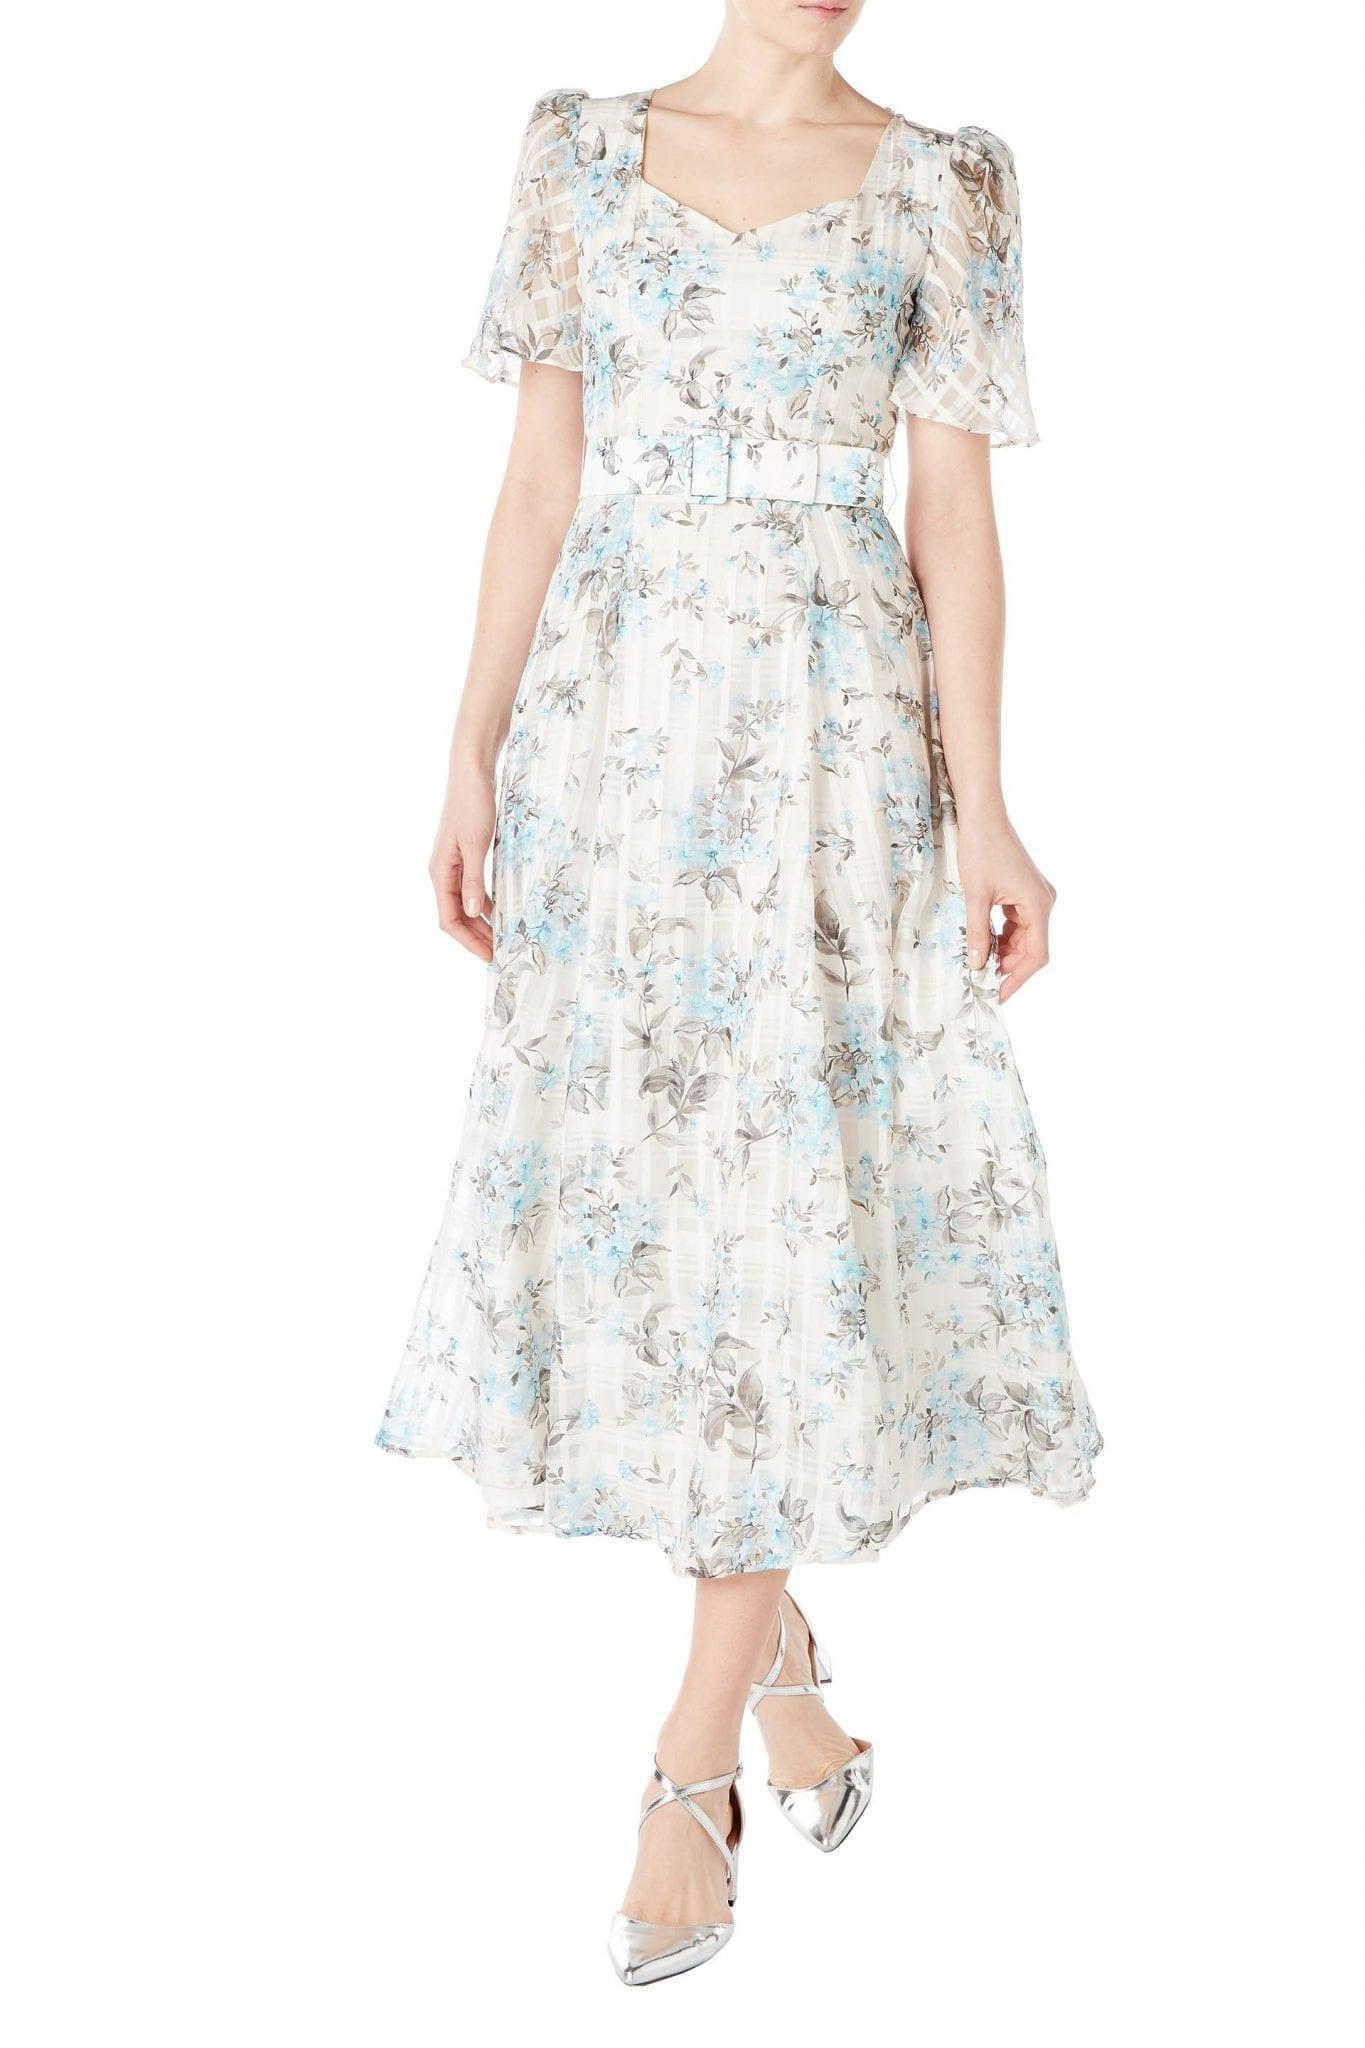 GOAT FASHION Julip Flower Check Midi Dress